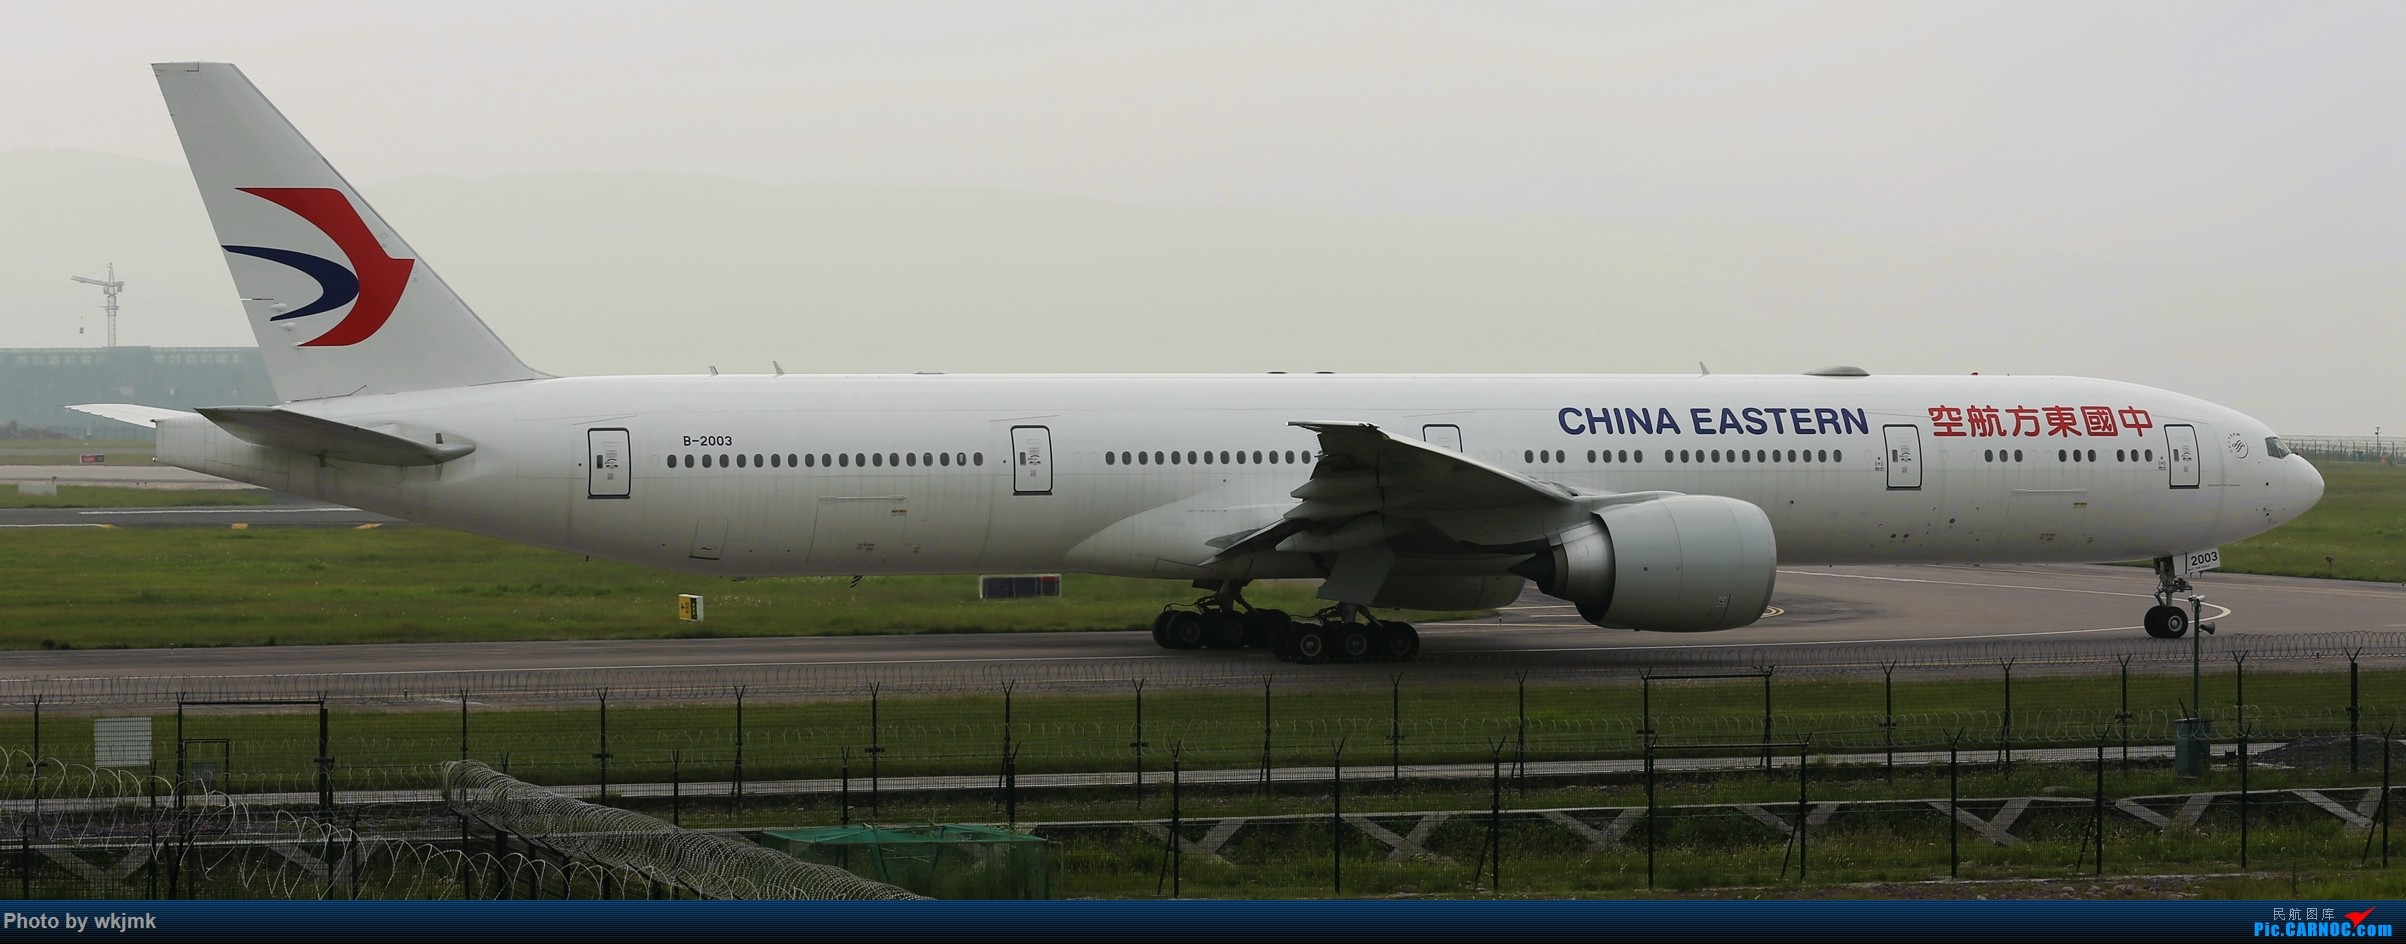 Re:[原创]西宁,成都,重庆三地拍机 BOEING 777-300ER B-2003 中国重庆江北国际机场